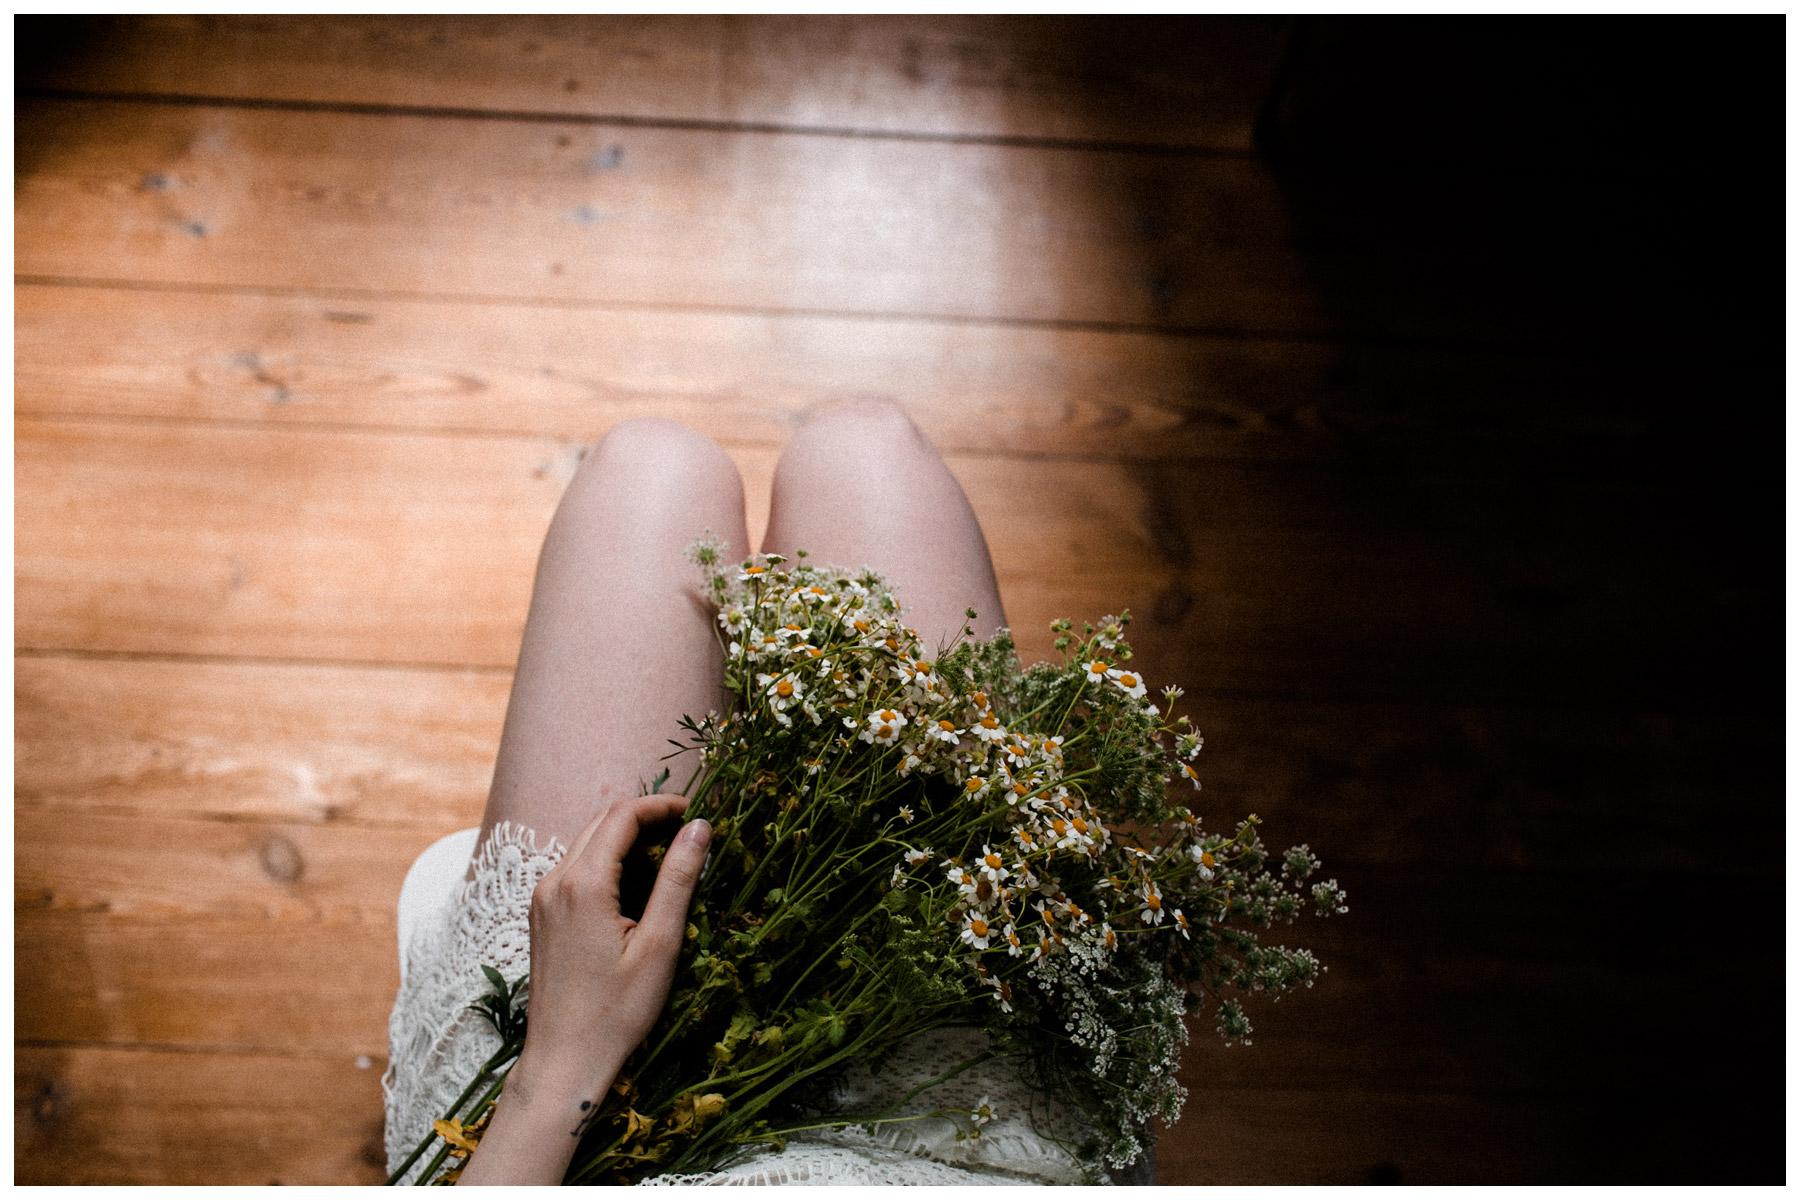 5.jpgikea-wiesenblumen-einrichtung-blumenkranz-binden-diy_5